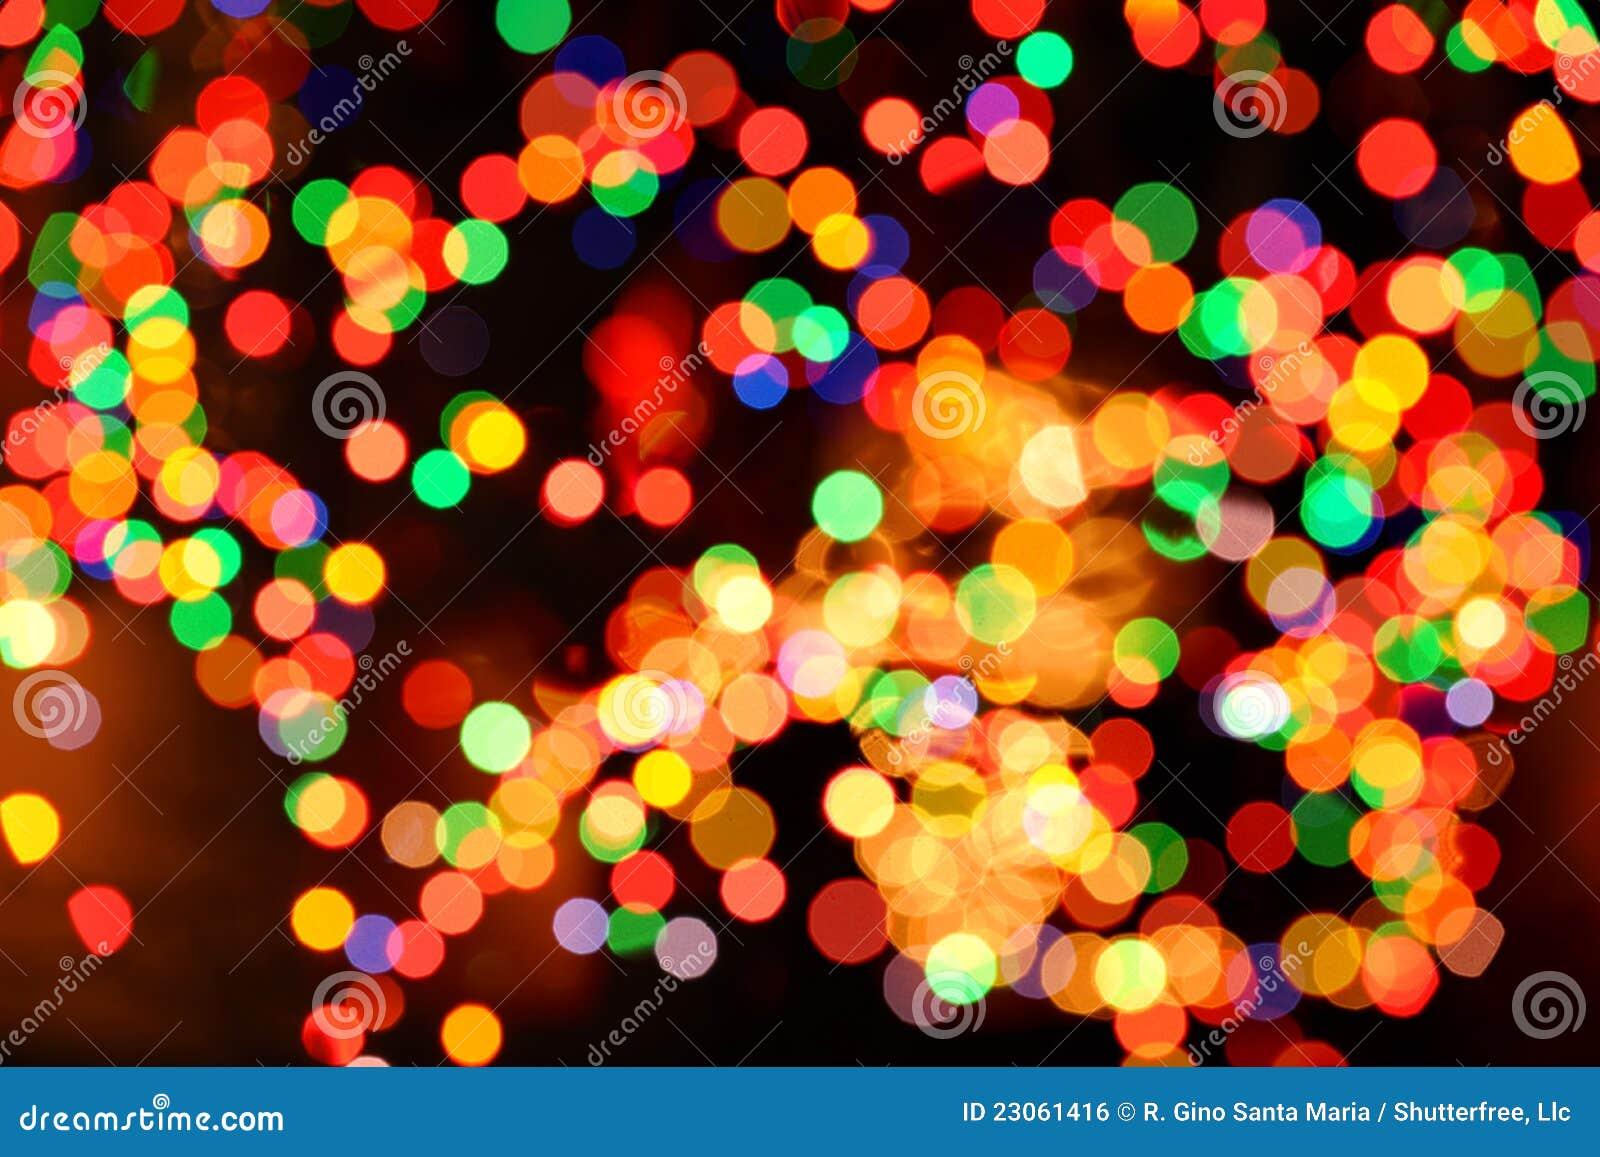 Fondo abstracto de las luces de la Navidad